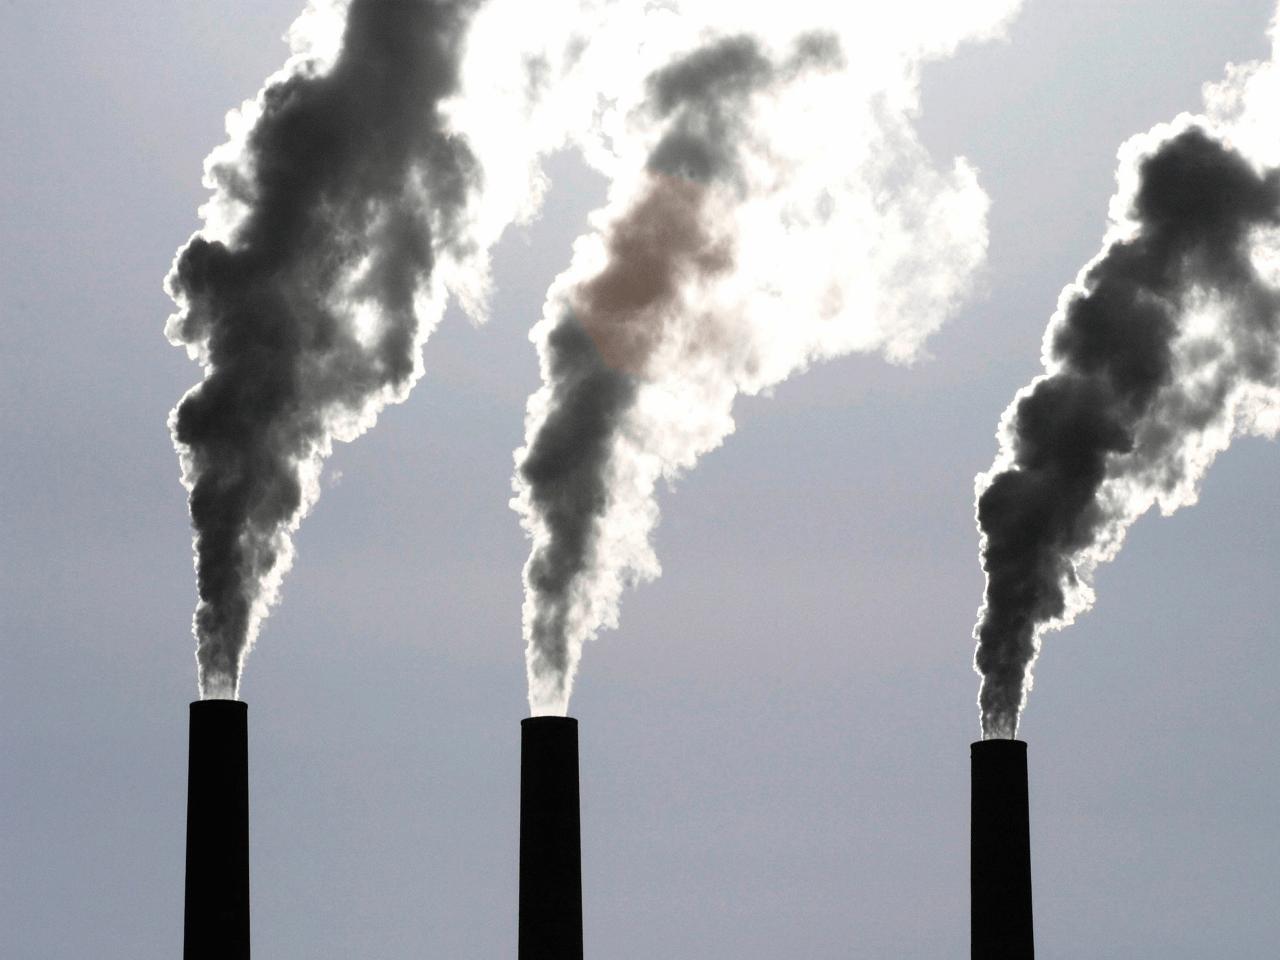 AB, İthalattan Alınacak Dünyanın İlk Karbon Gümrük Vergisine Hazırlanıyor